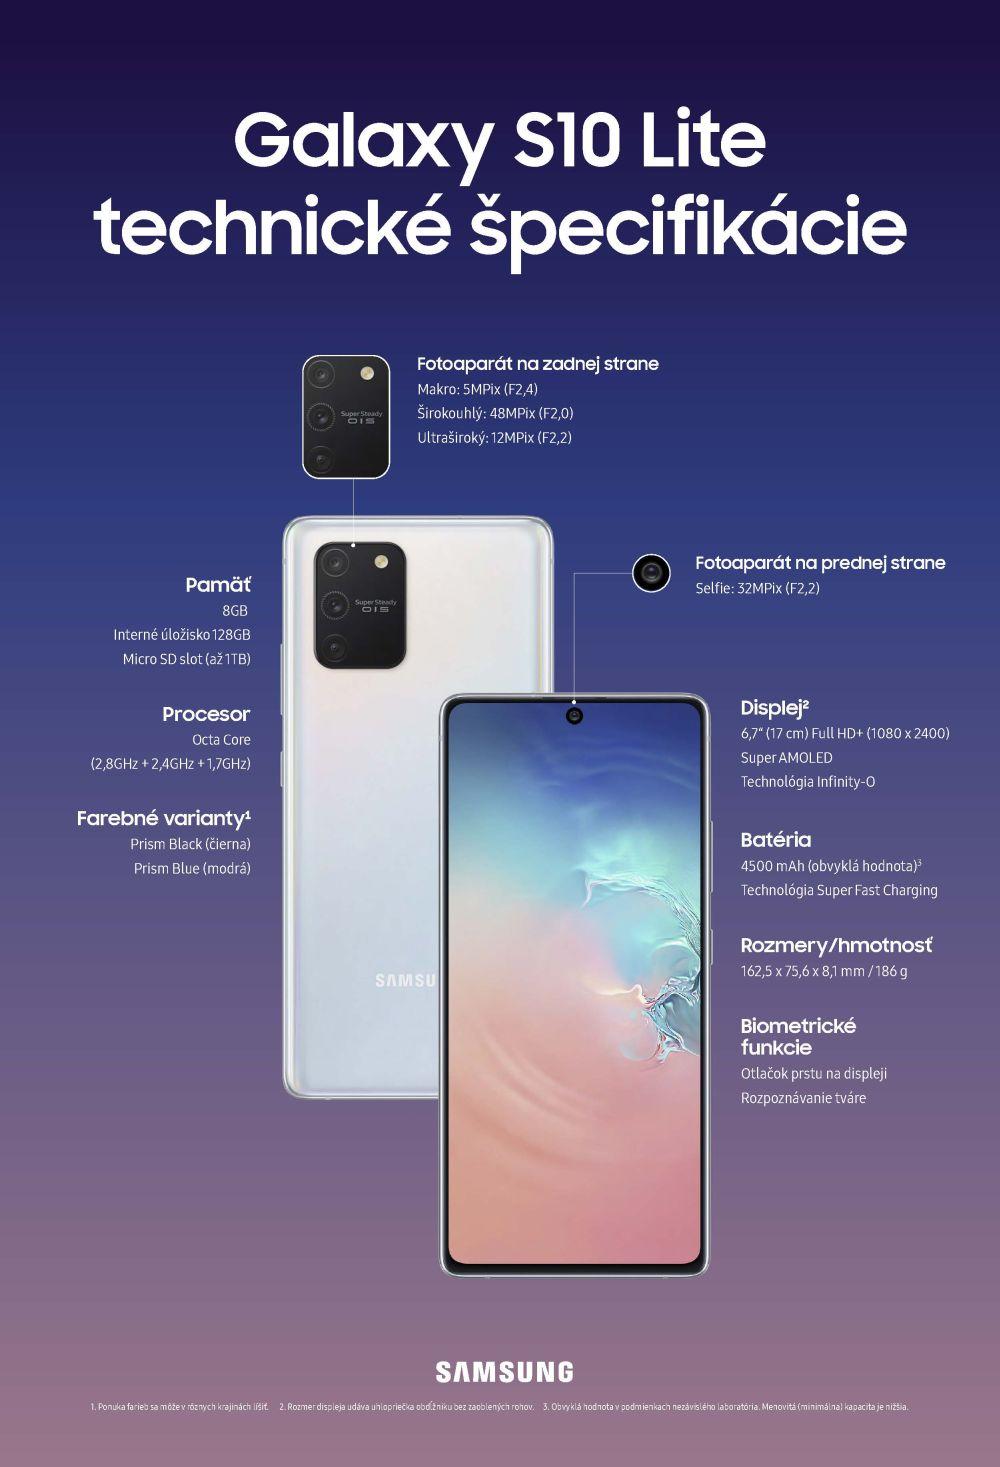 Samsung Galaxy S10 Lite technické špecifikácie